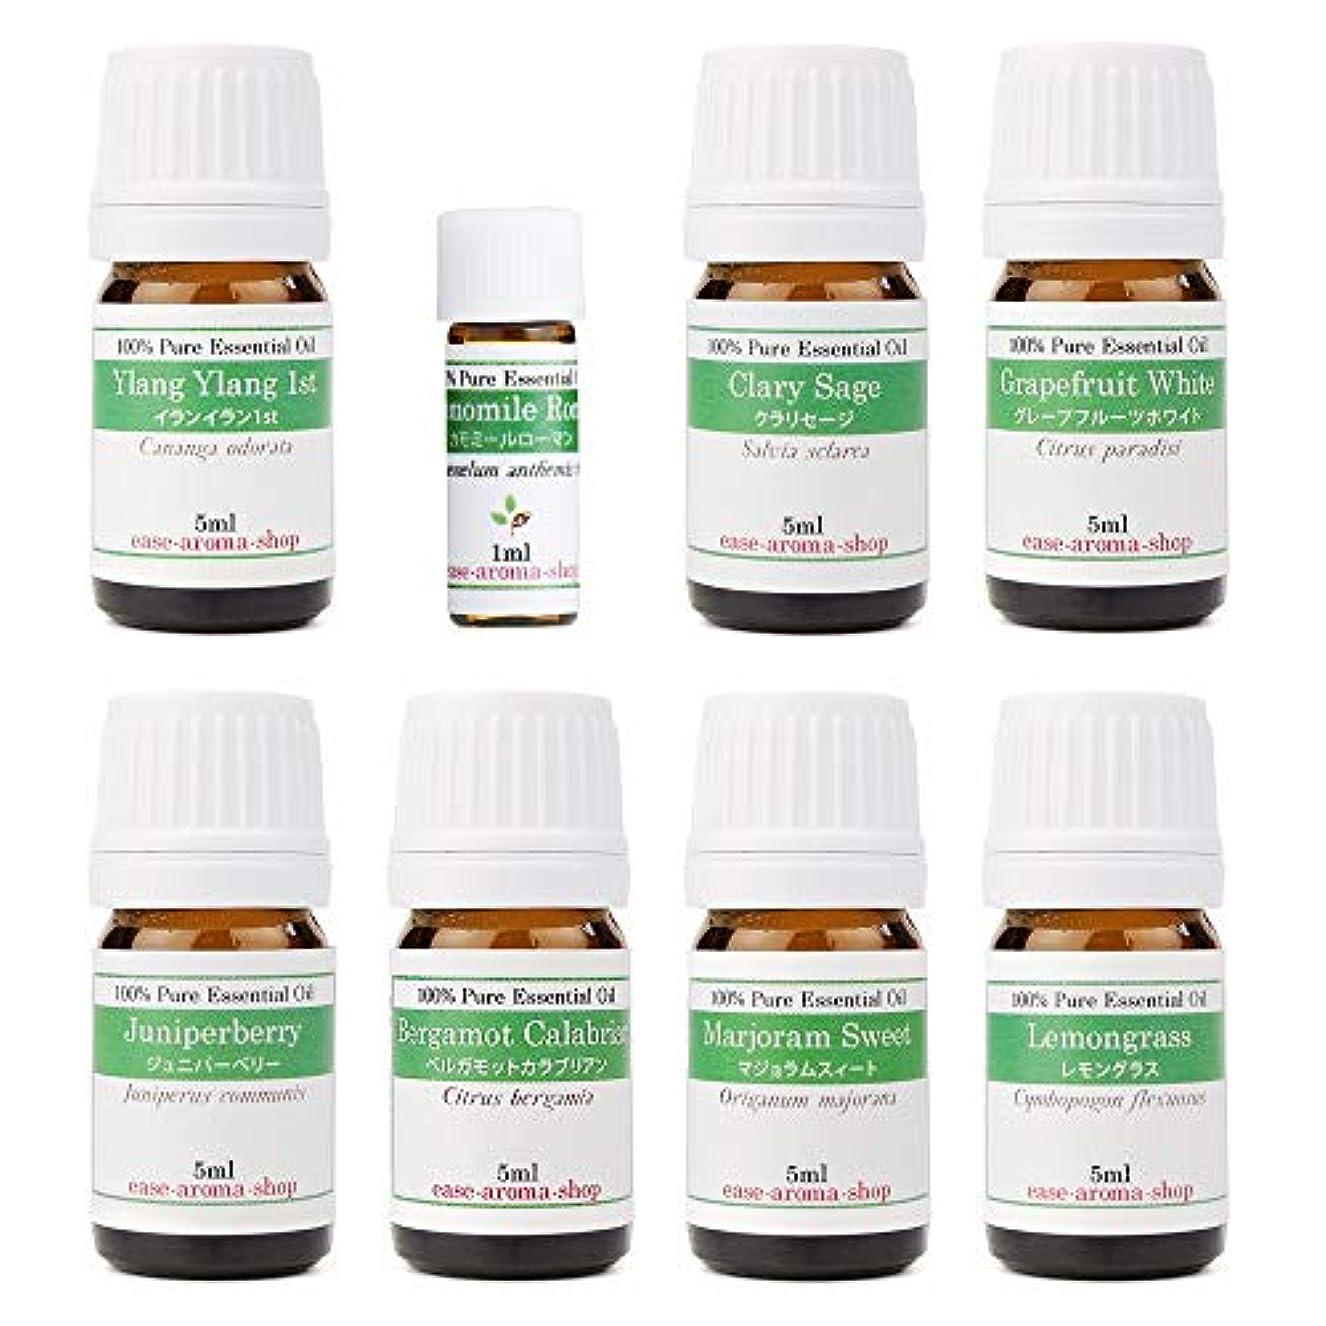 砂縁ここに【2019年改訂版】ease AEAJアロマテラピー検定香りテスト対象精油セット 揃えておきたい基本の精油 1級 8本セット各5ml